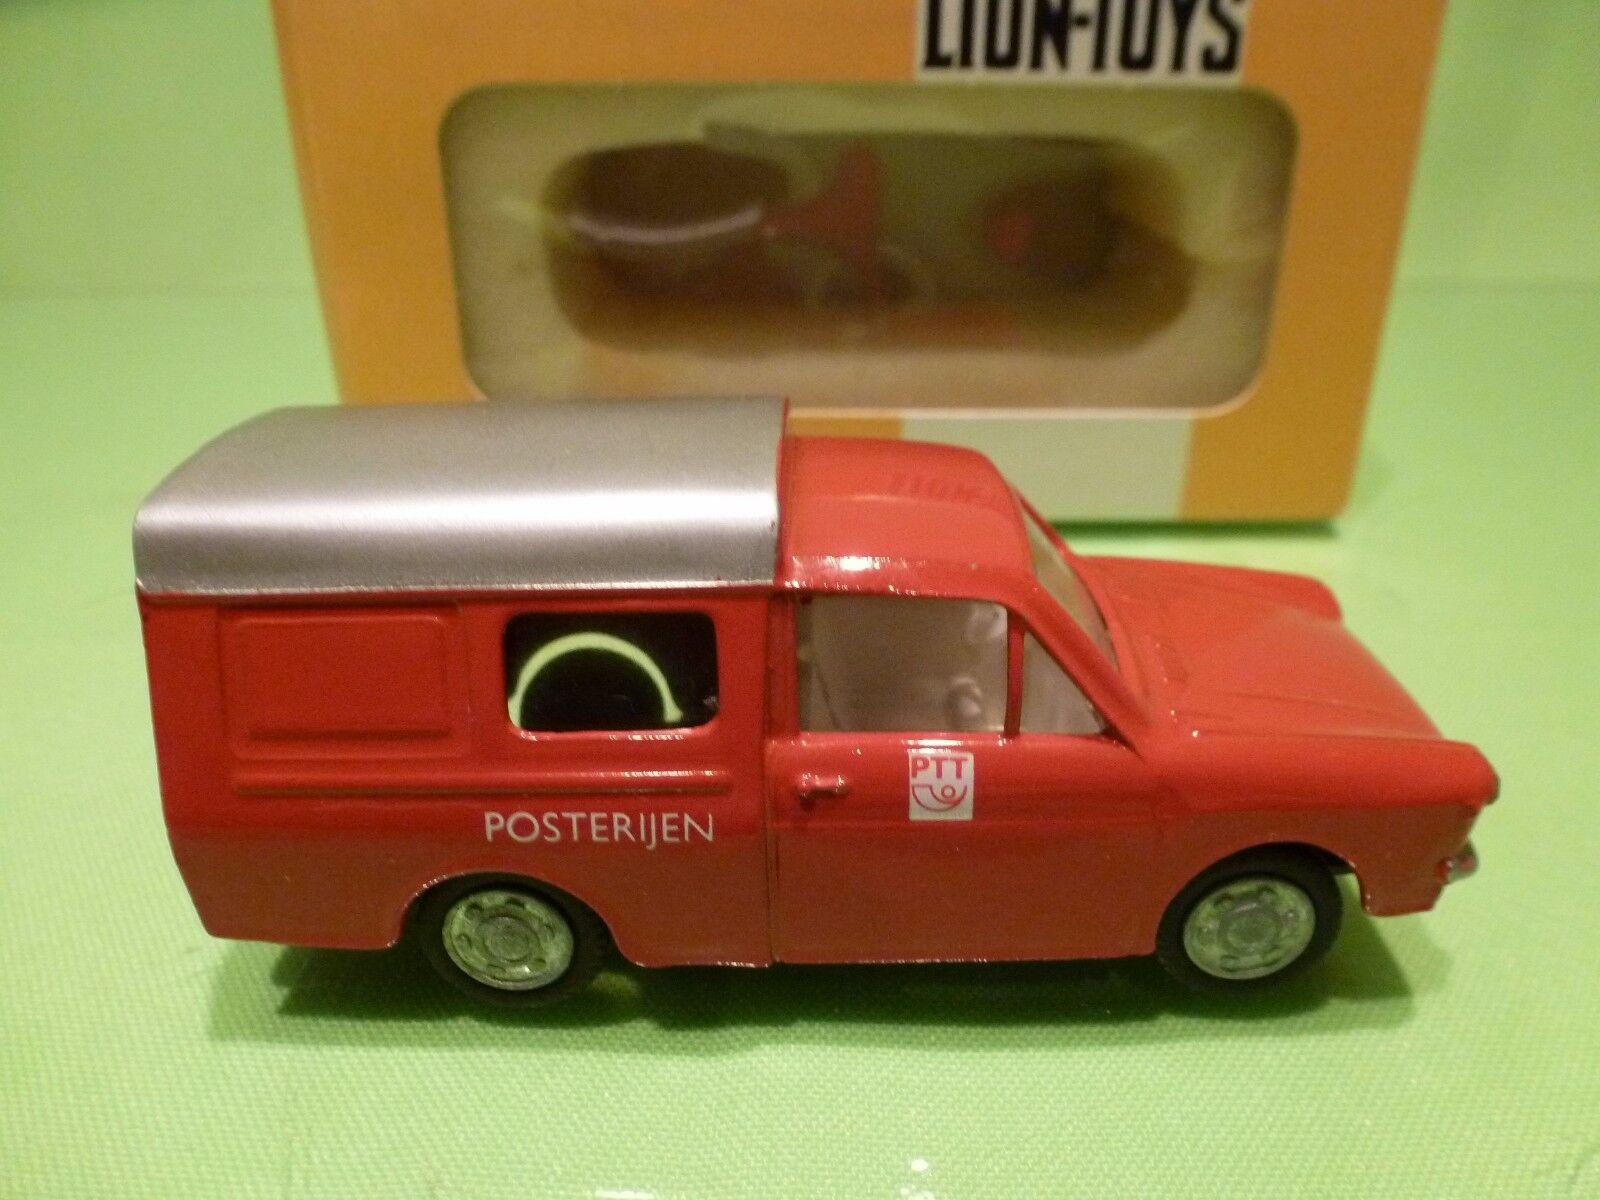 LION CAR DAF 33 COMBI VARIOMATIC - NA 2000 2000 2000 - PTT POSTERIJEN - EXCELLENT IN BOX e91ba3